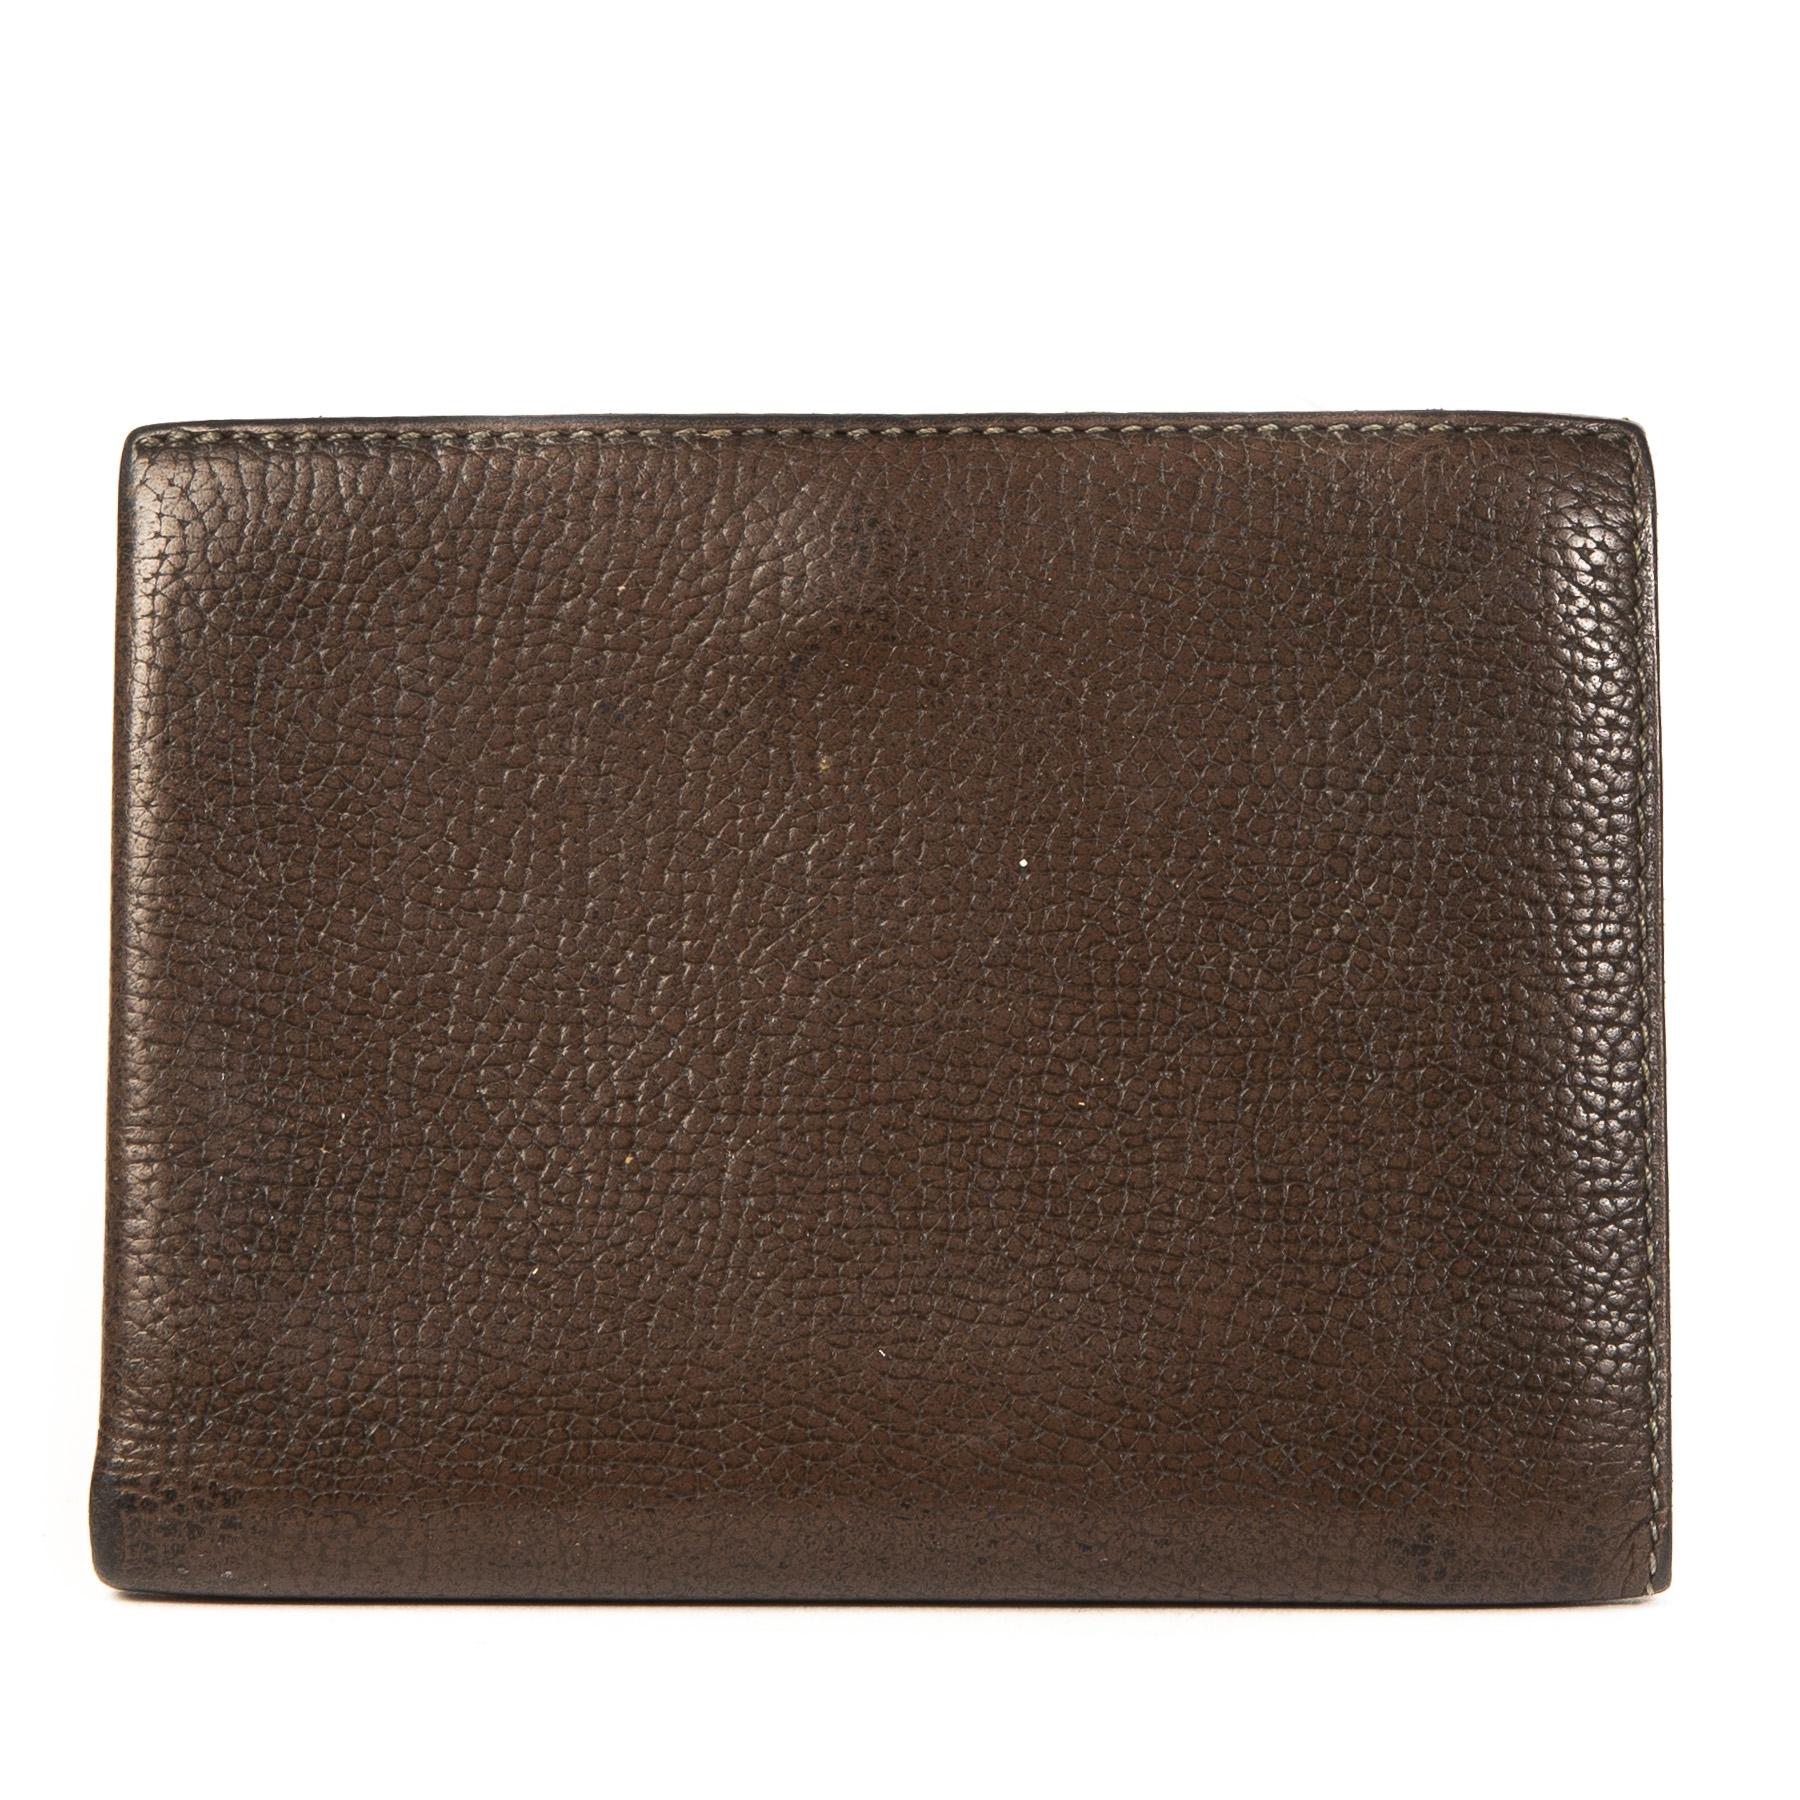 Authentieke Tweedehands Delvaux Chocolate Brown Leather Wallet juiste prijs veilig online shoppen luxe merken webshop winkelen Antwerpen België mode fashion